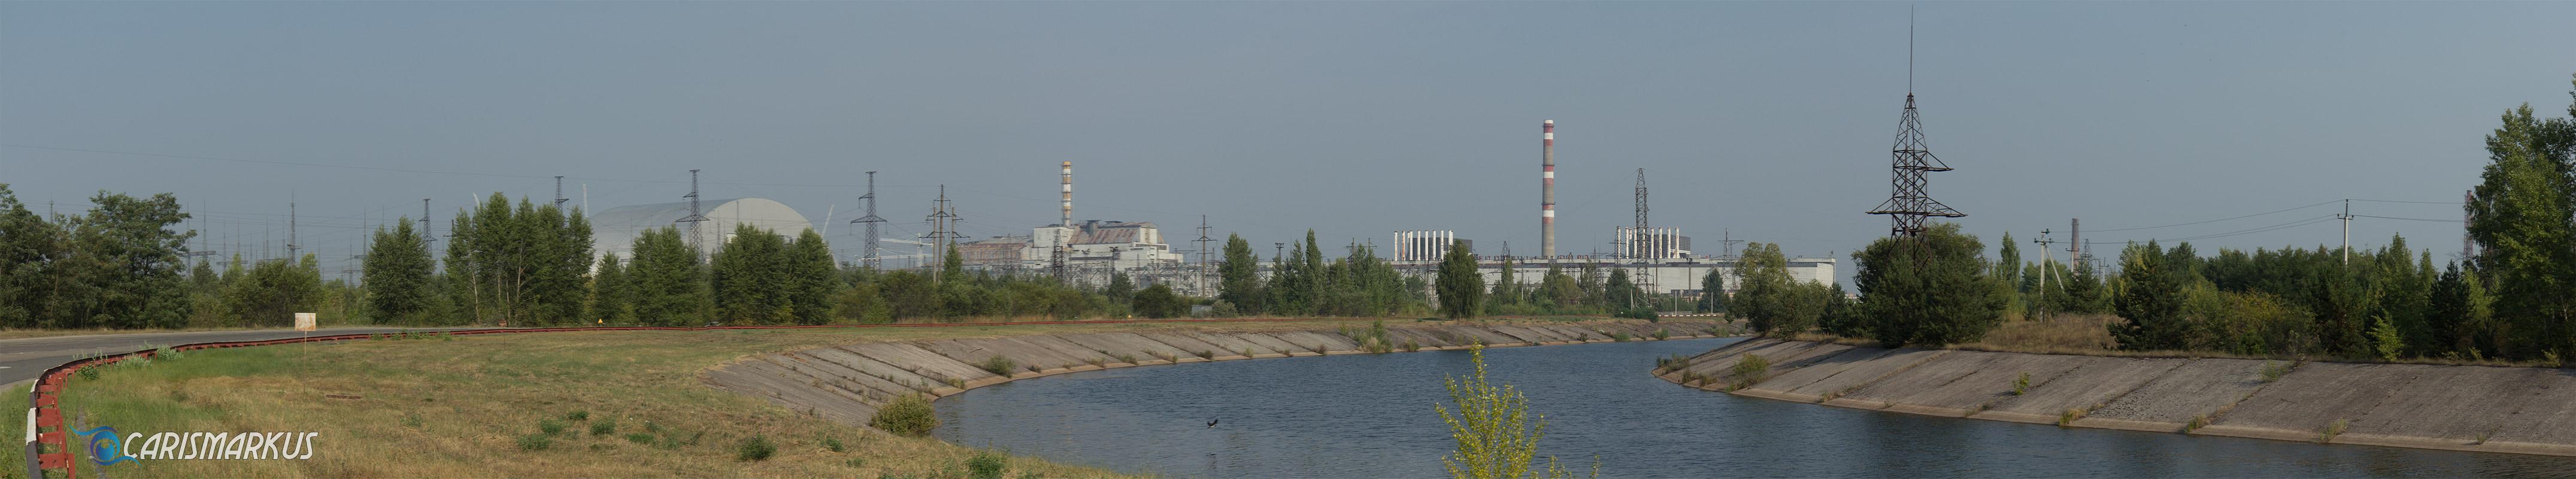 Reaktorgelände Tschernobyl im Panorama